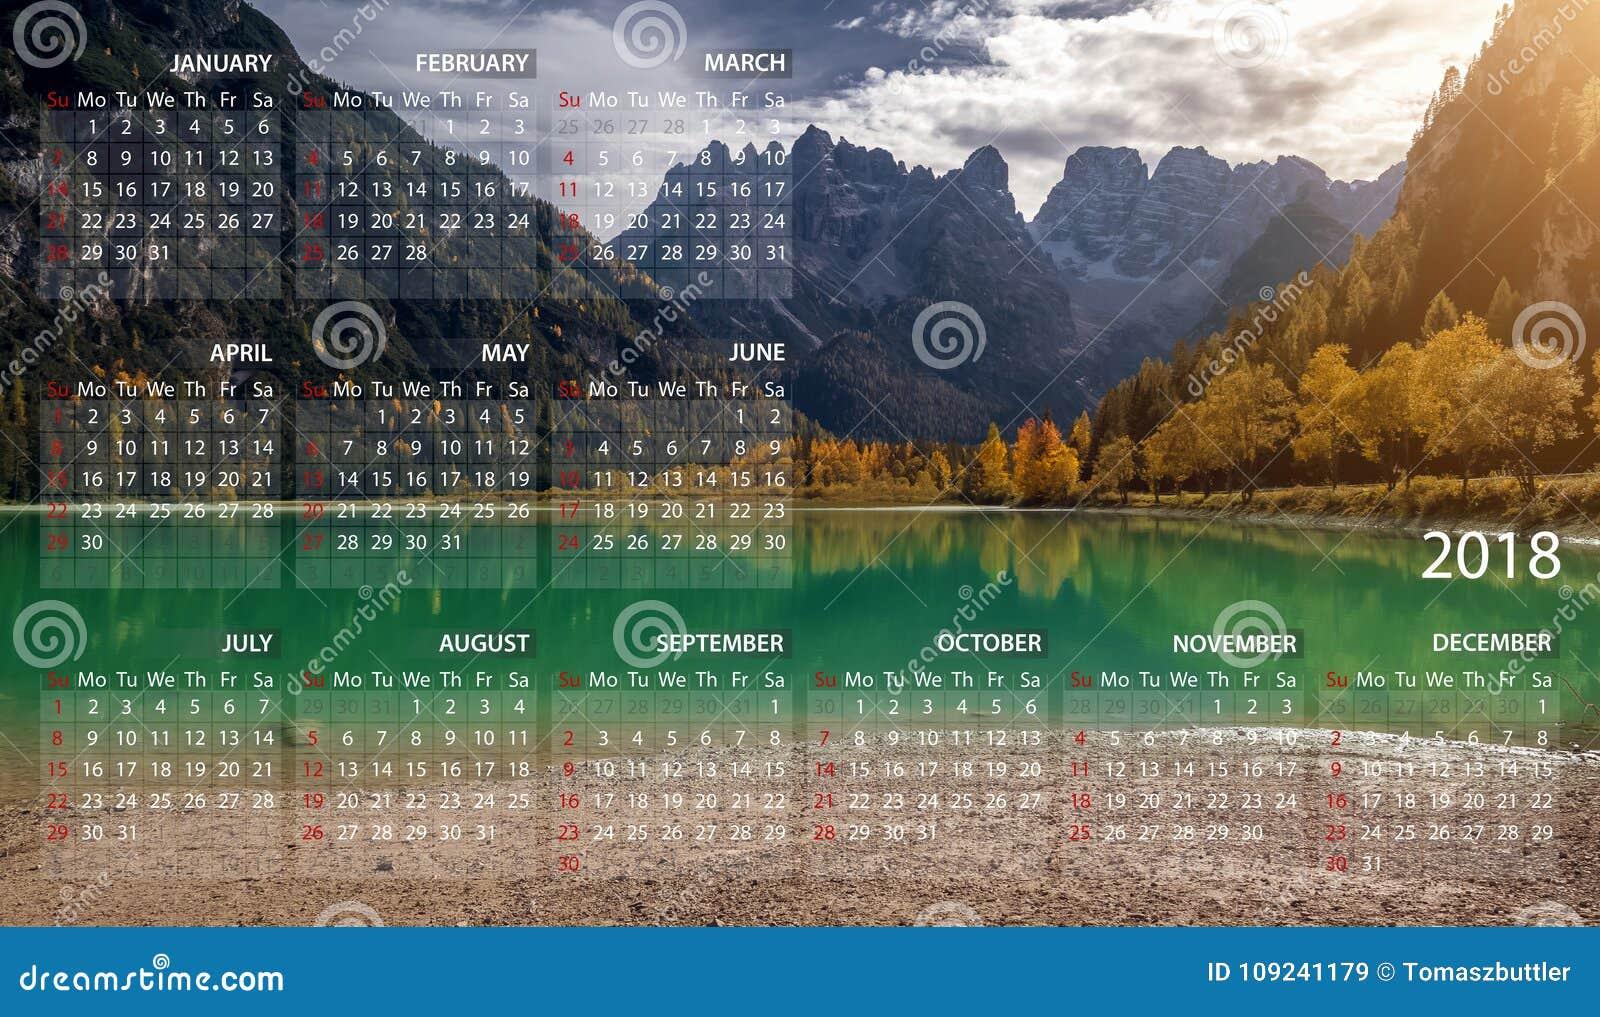 Kalender 2018 auf englisch Wochenanfänge am Sonntag Gebirgspanoramalandschaft in Italien